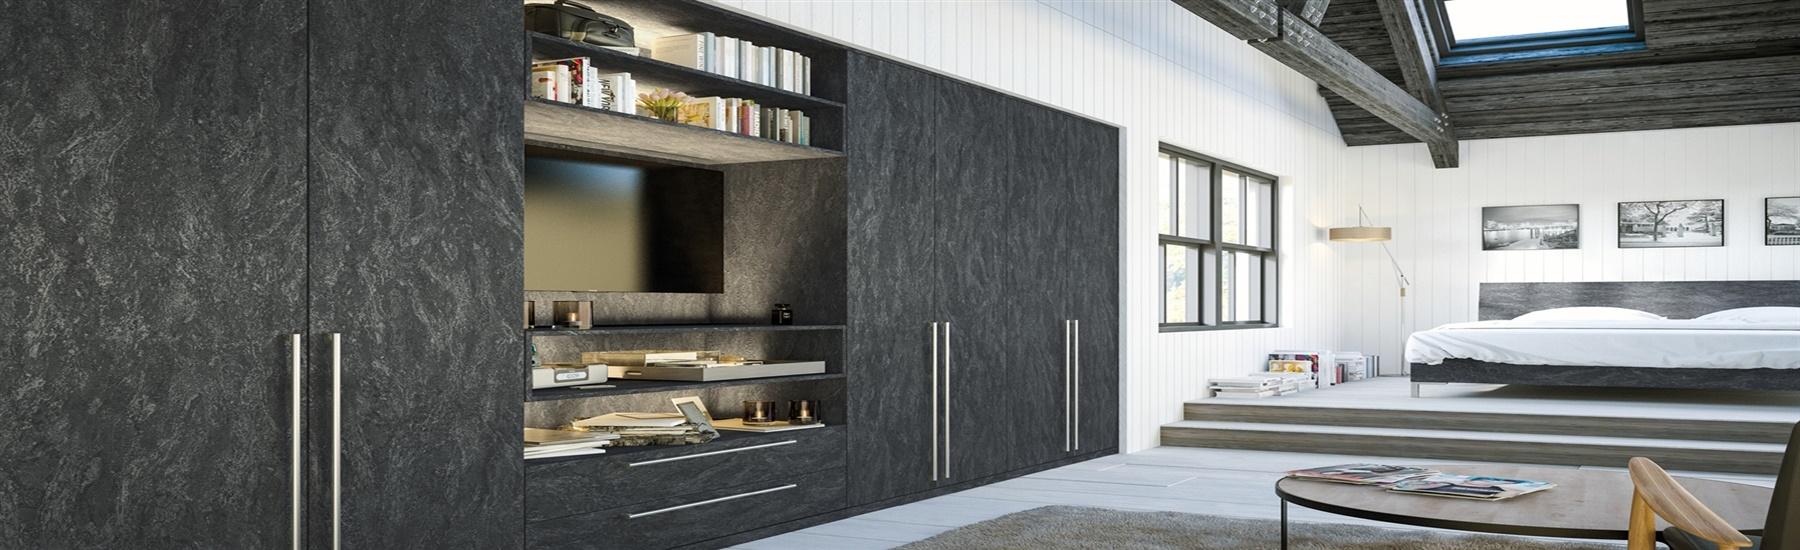 wardrobe-door-valore-bedroom